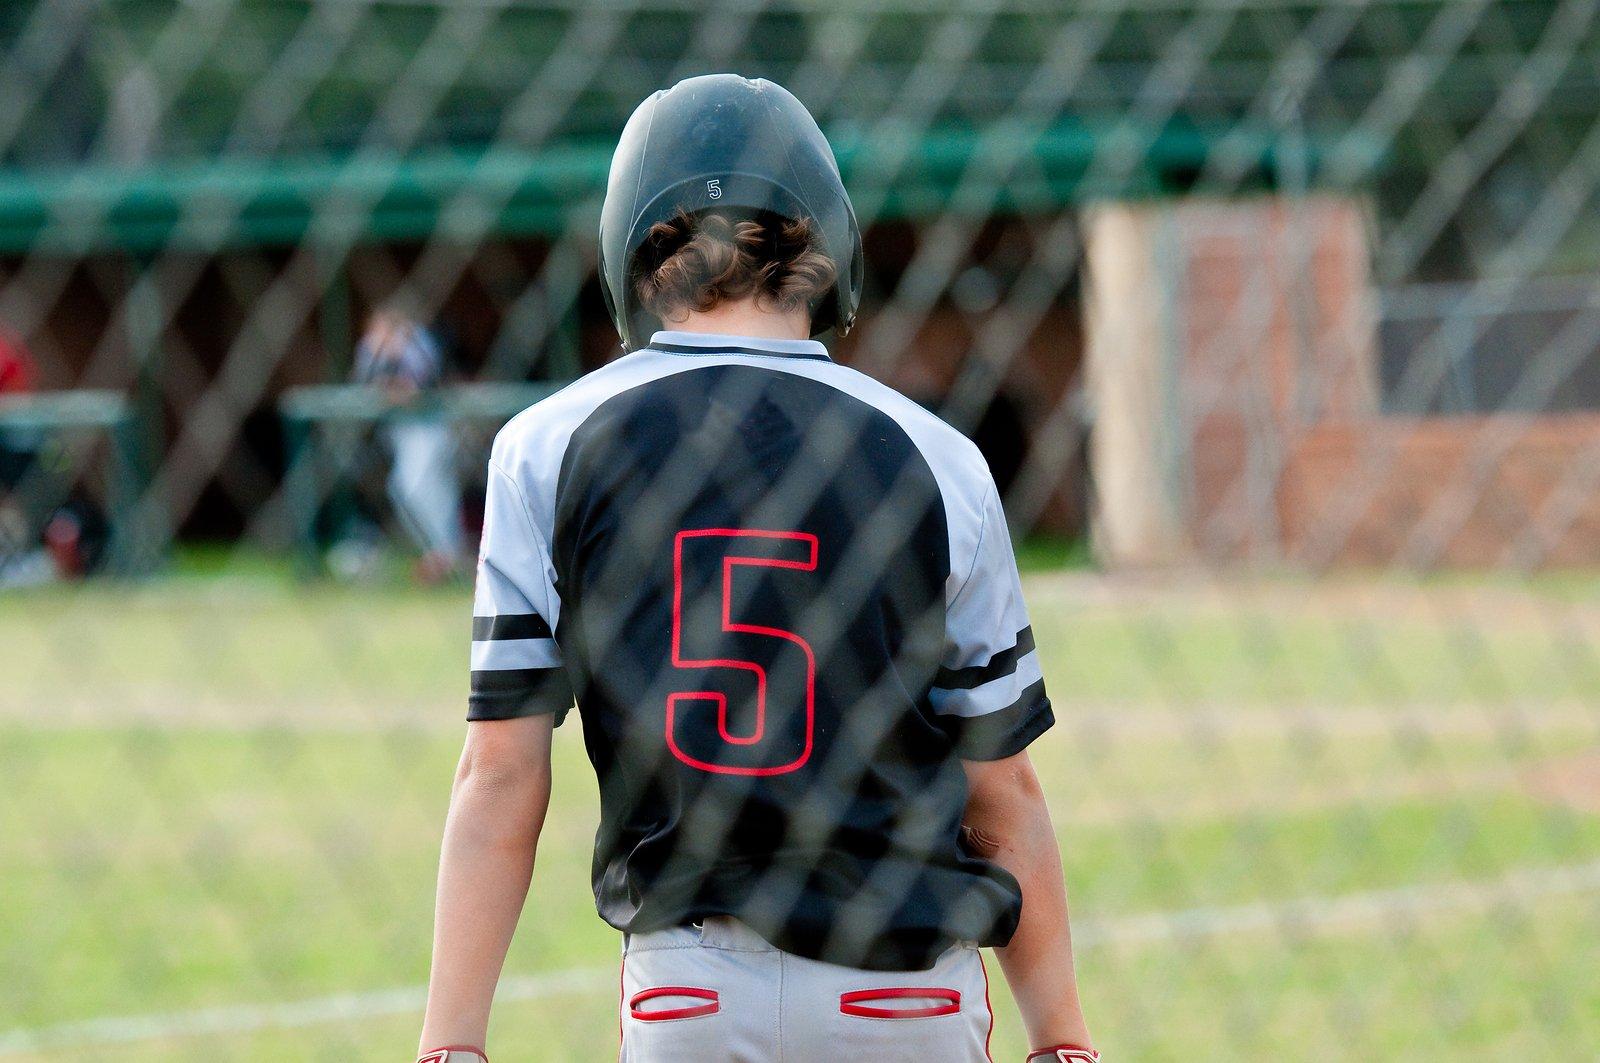 Seminole County Softball Complex